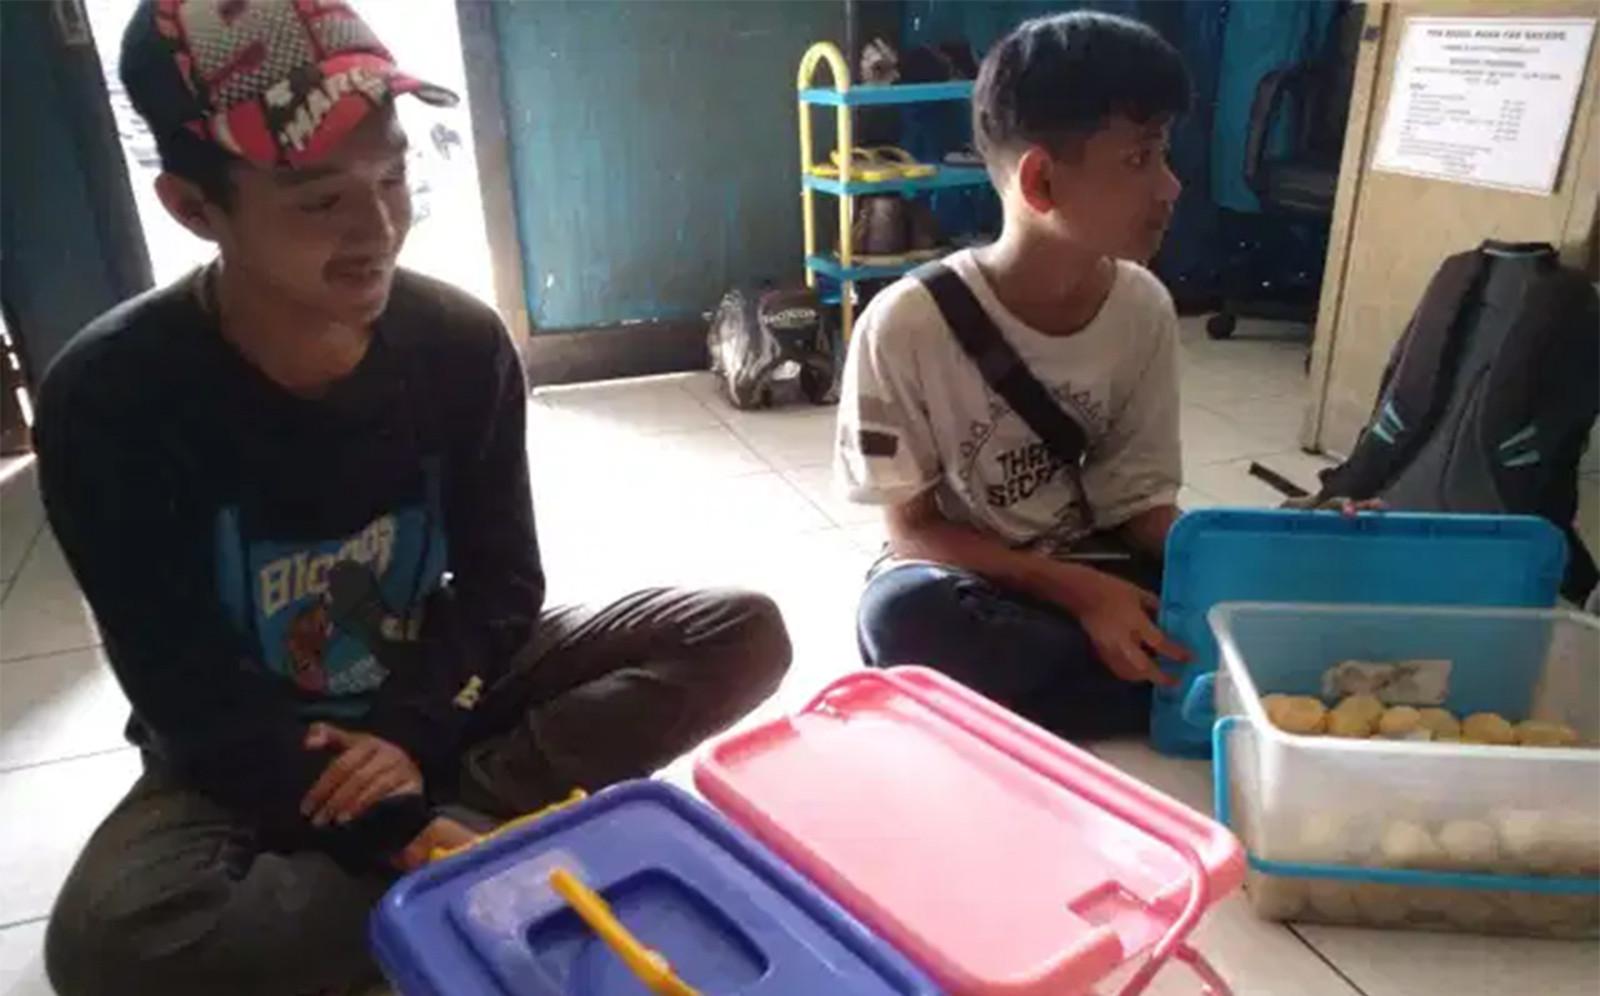 Anak SMP Itu Keliling Kota Jualan Onde-Onde, Demi Beli Ponsel Buat Belajar Daring - JPNN.com